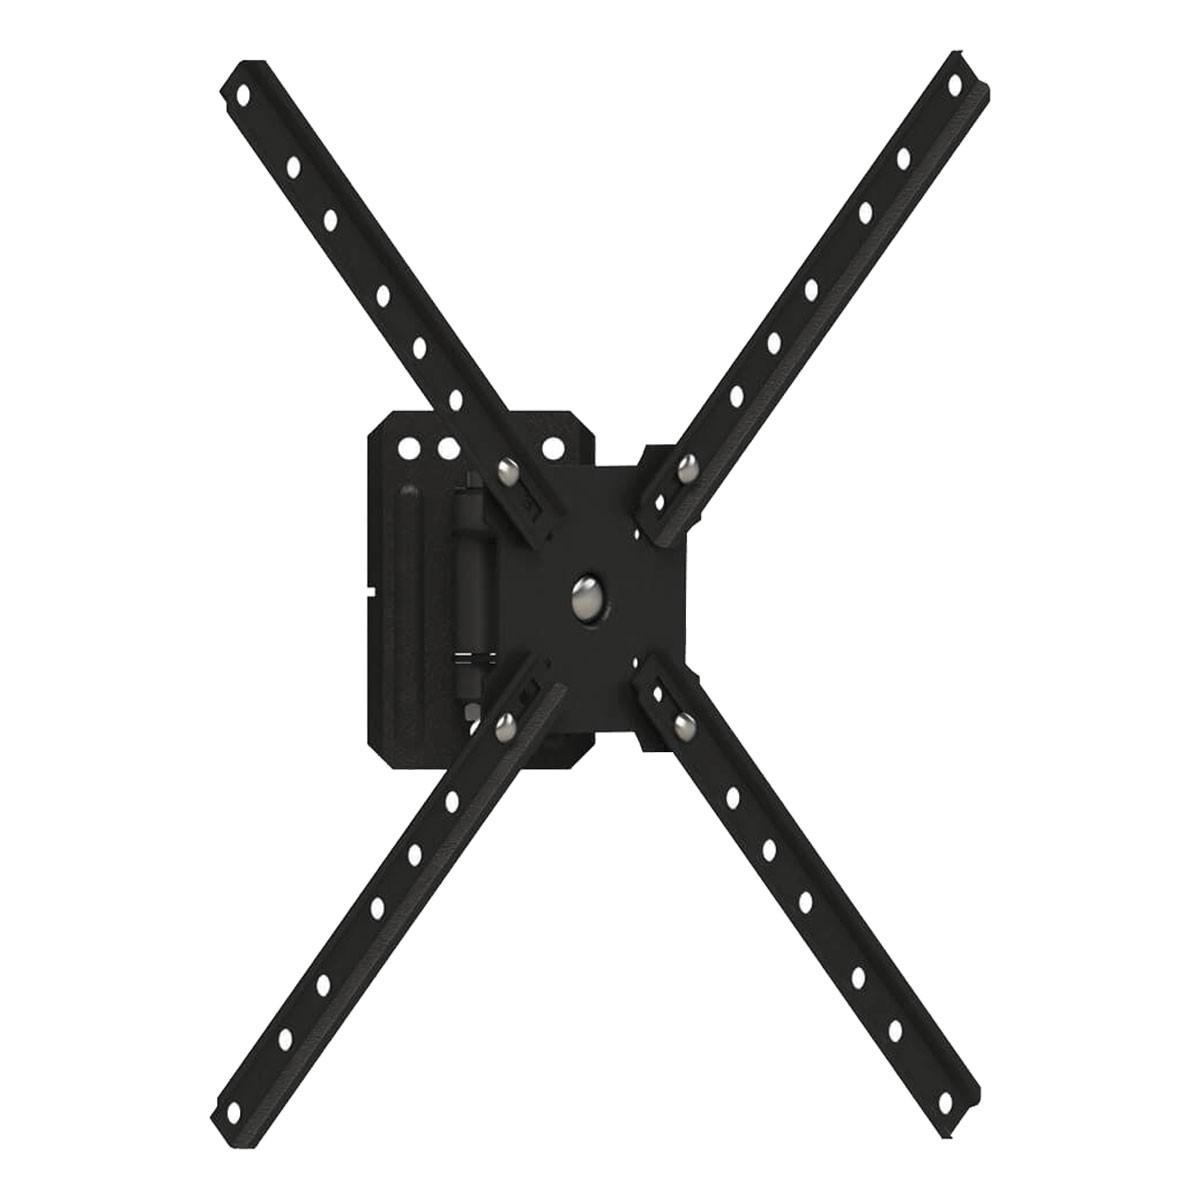 Suporte Articulado 3 Movimentos para TV LED, LCD, Plasma, 3D e SMART TV de 10 a 55